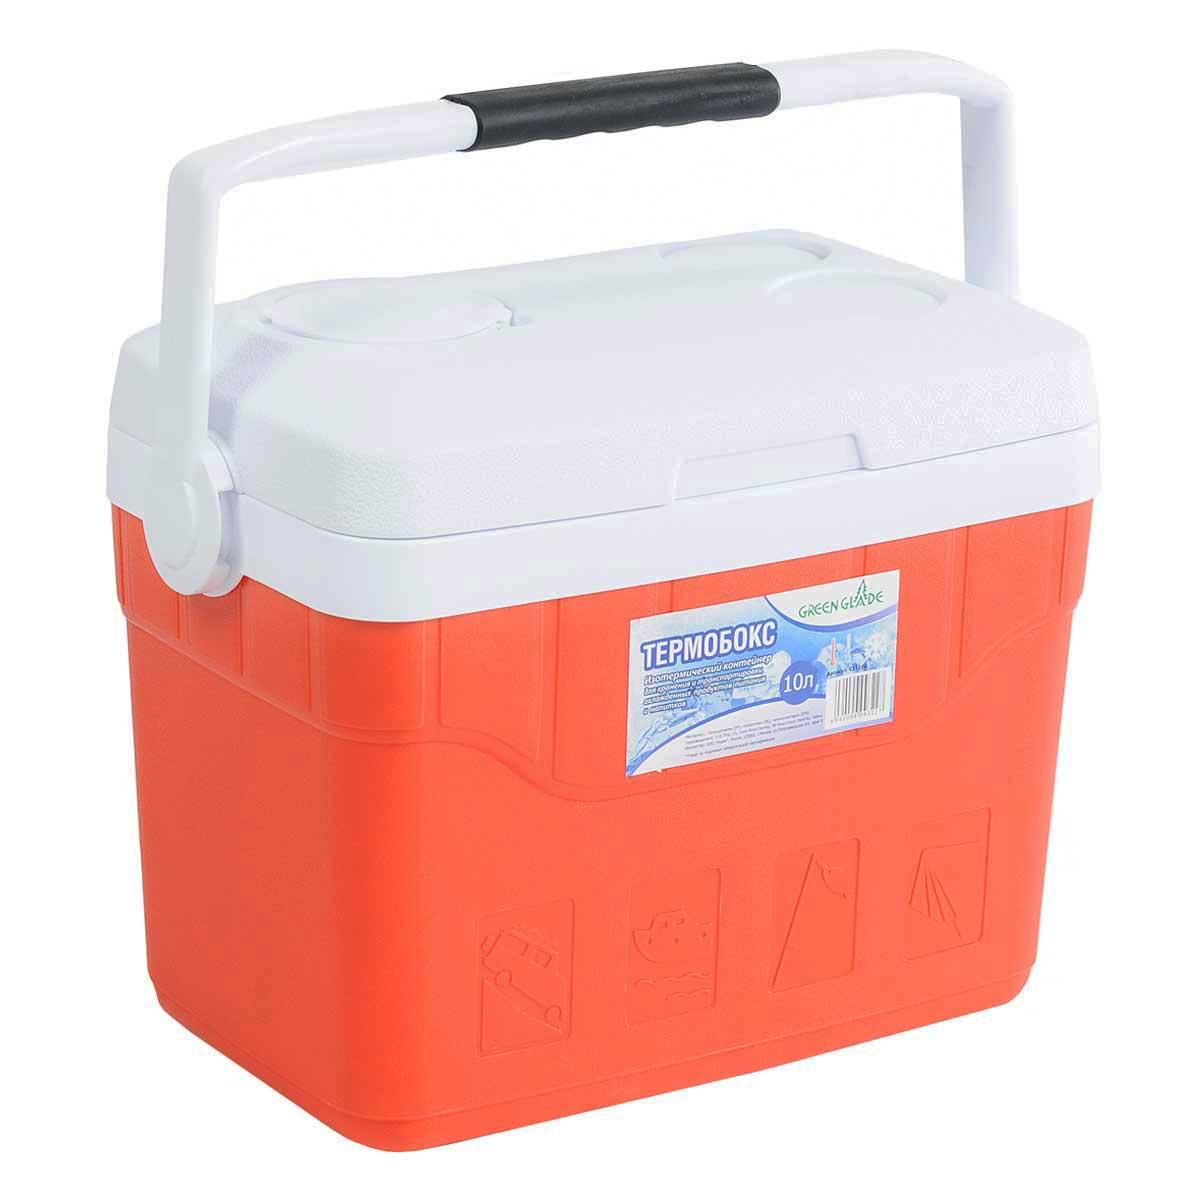 Контейнер изотермический Green Glade, цвет: красный, 10 лС11100Легкий и прочный изотермический контейнер Green Glade предназначен для сохранения определенной температуры продуктов во время длительных поездок. Корпус и крышка контейнера изготовлены из высококачественного пластика. Между двойными стенками находится термоизоляционный слой, который обеспечивает сохранение температуры. При использовании аккумулятора холода, контейнер обеспечивает сохранение продуктов холодными на 8-10 часов. Подвижная ручка делает более удобной переноску контейнера. Крышка может быть использована в качестве подноса. В ней имеются три углубления для стаканчиков.Контейнер идеально подходит для отдыха на природе, пикников, туристических походов и путешествий.Объем контейнера: 10 л.Размер контейнера: 35 см х 30 см х20 см.